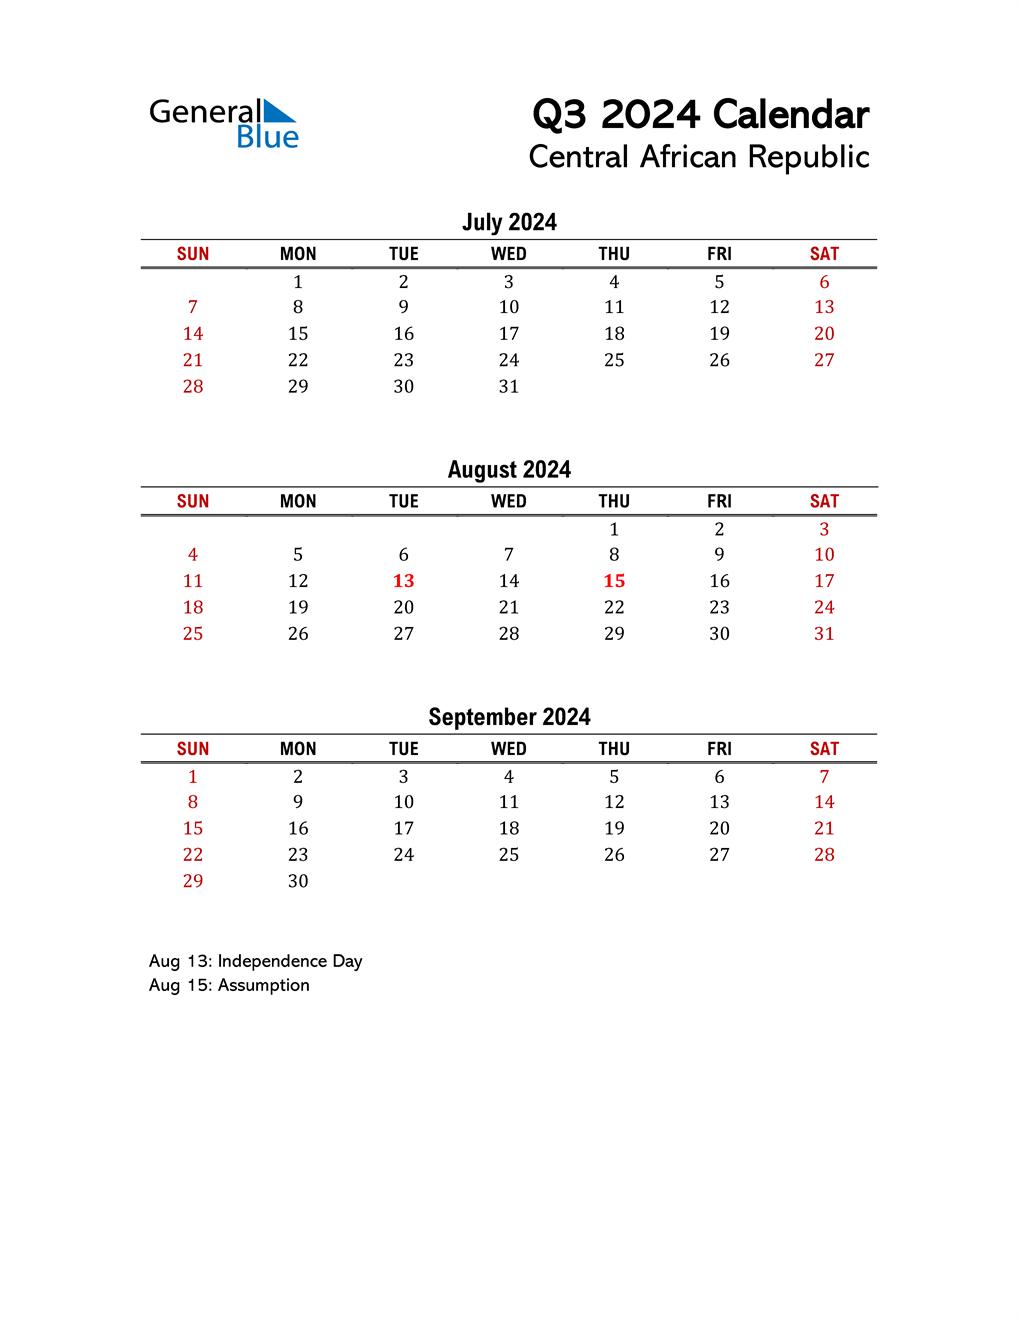 2024 Q3 Calendar with Holidays List